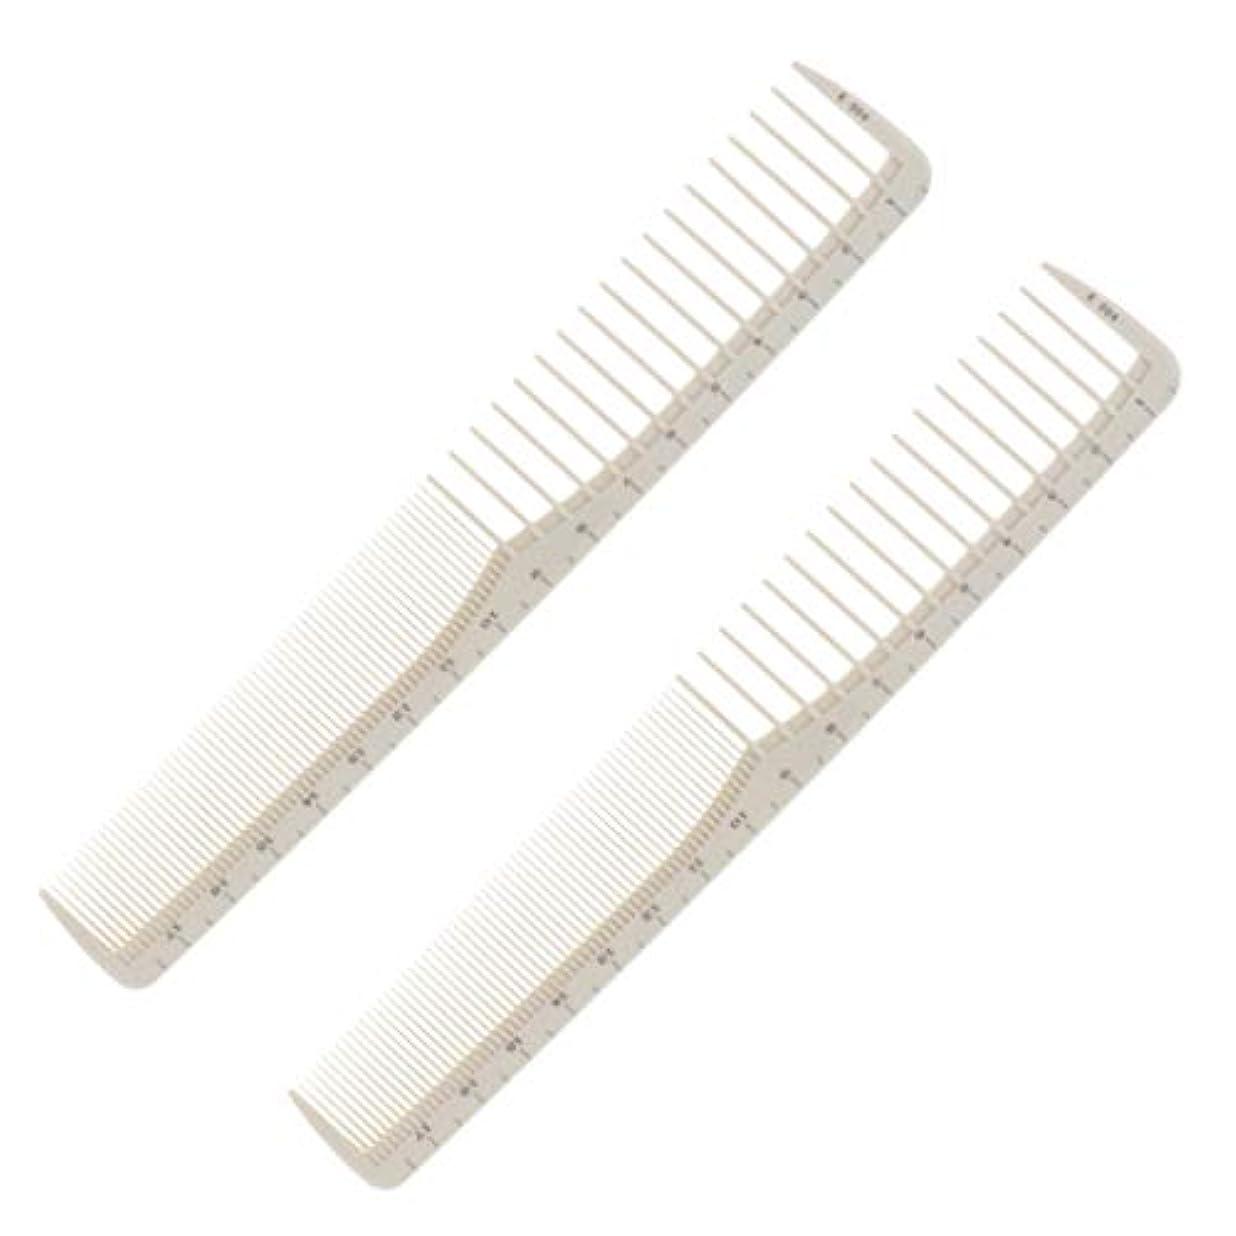 絶えずどっちでもレトルト樹脂 コーム 髪櫛 ヘアカットコーム 低静電気 耐熱性 軽量 サロン 家庭用 スケール付き 2本入り